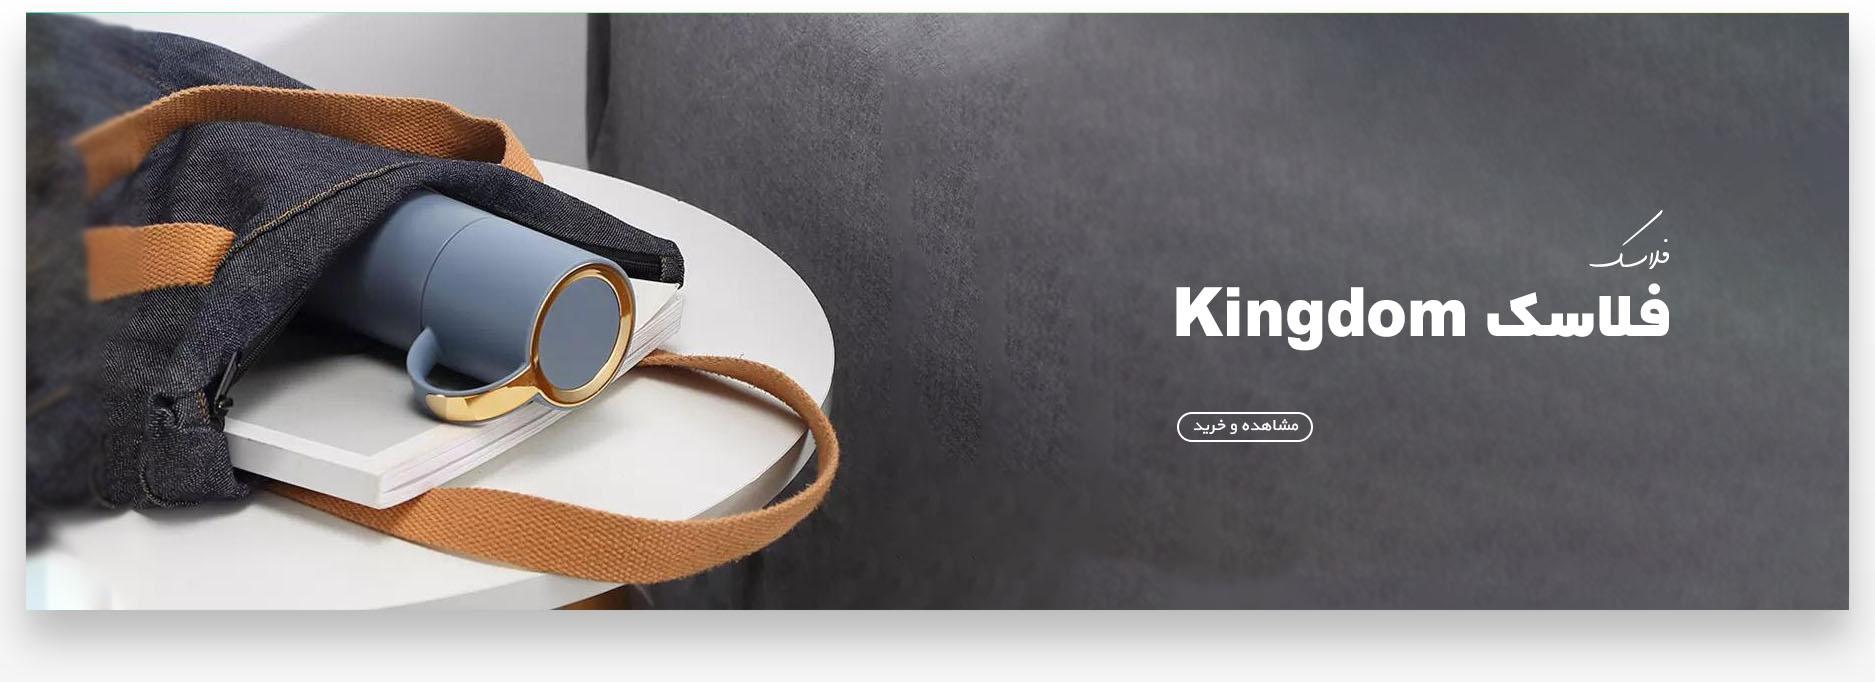 فلاسک Kingdom مدل 0635